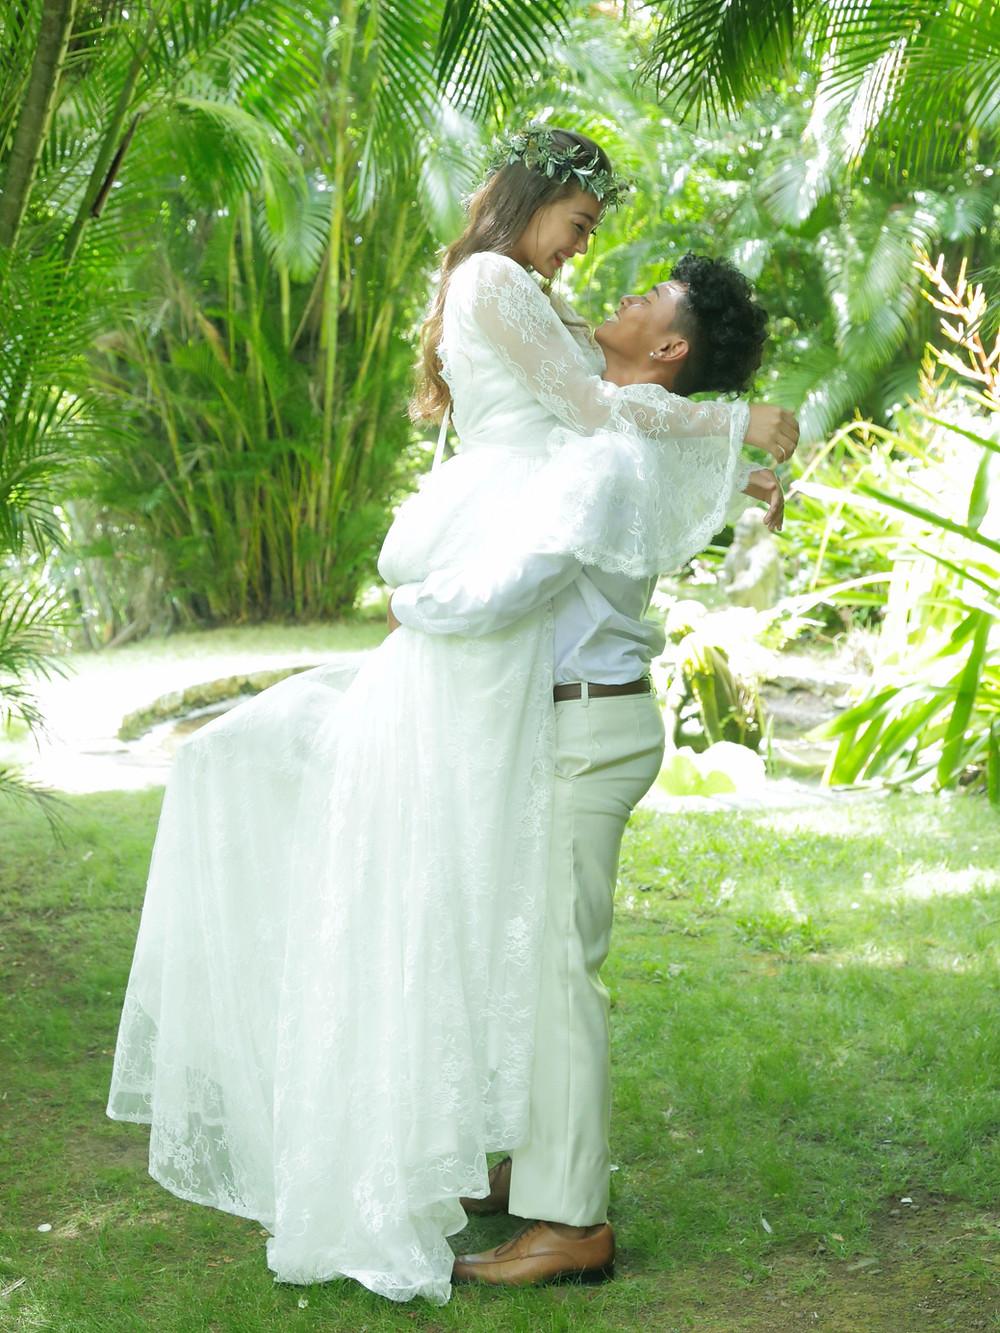 Boho style wedding - Eloping in Hawaiian garden